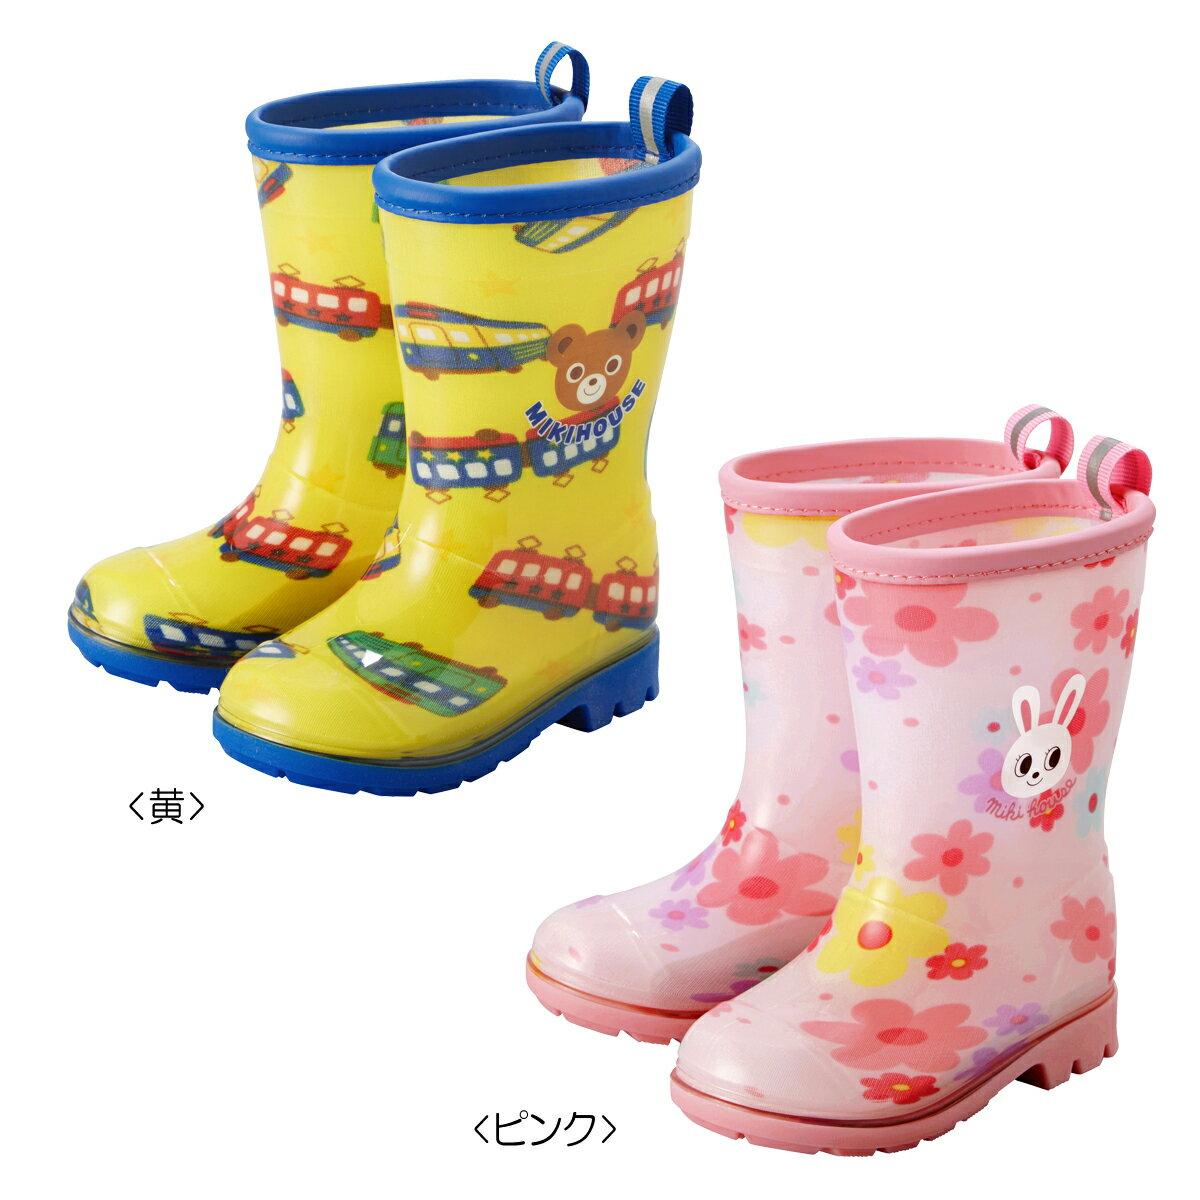 [ノベルティ対象]ミキハウス mikiHOUSEプッチー&うさこ☆レインブーツ(長靴)(13cm-17cm)【10-9462-611】【ラッキーシール対応】